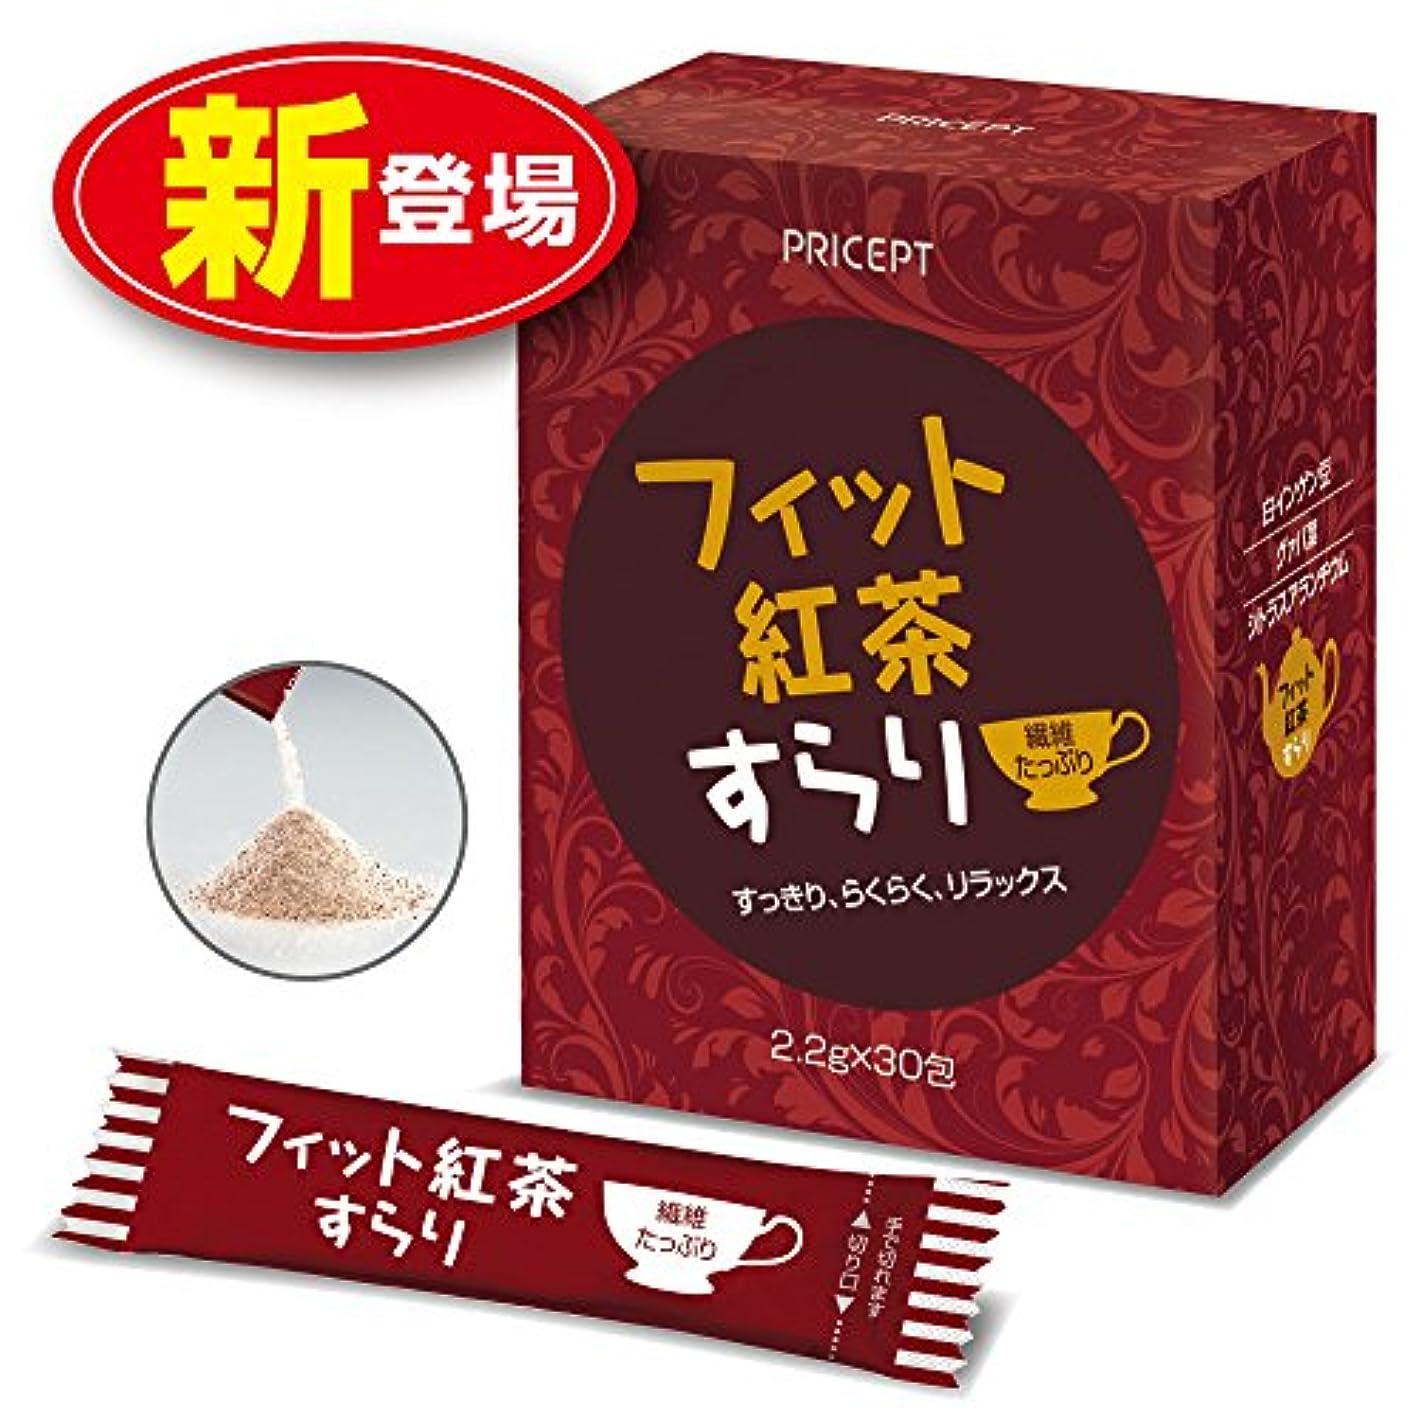 正確な広まった挨拶プリセプト フィット紅茶すらり(30包)【単品】(食物繊維配合ダイエットサポート紅茶)